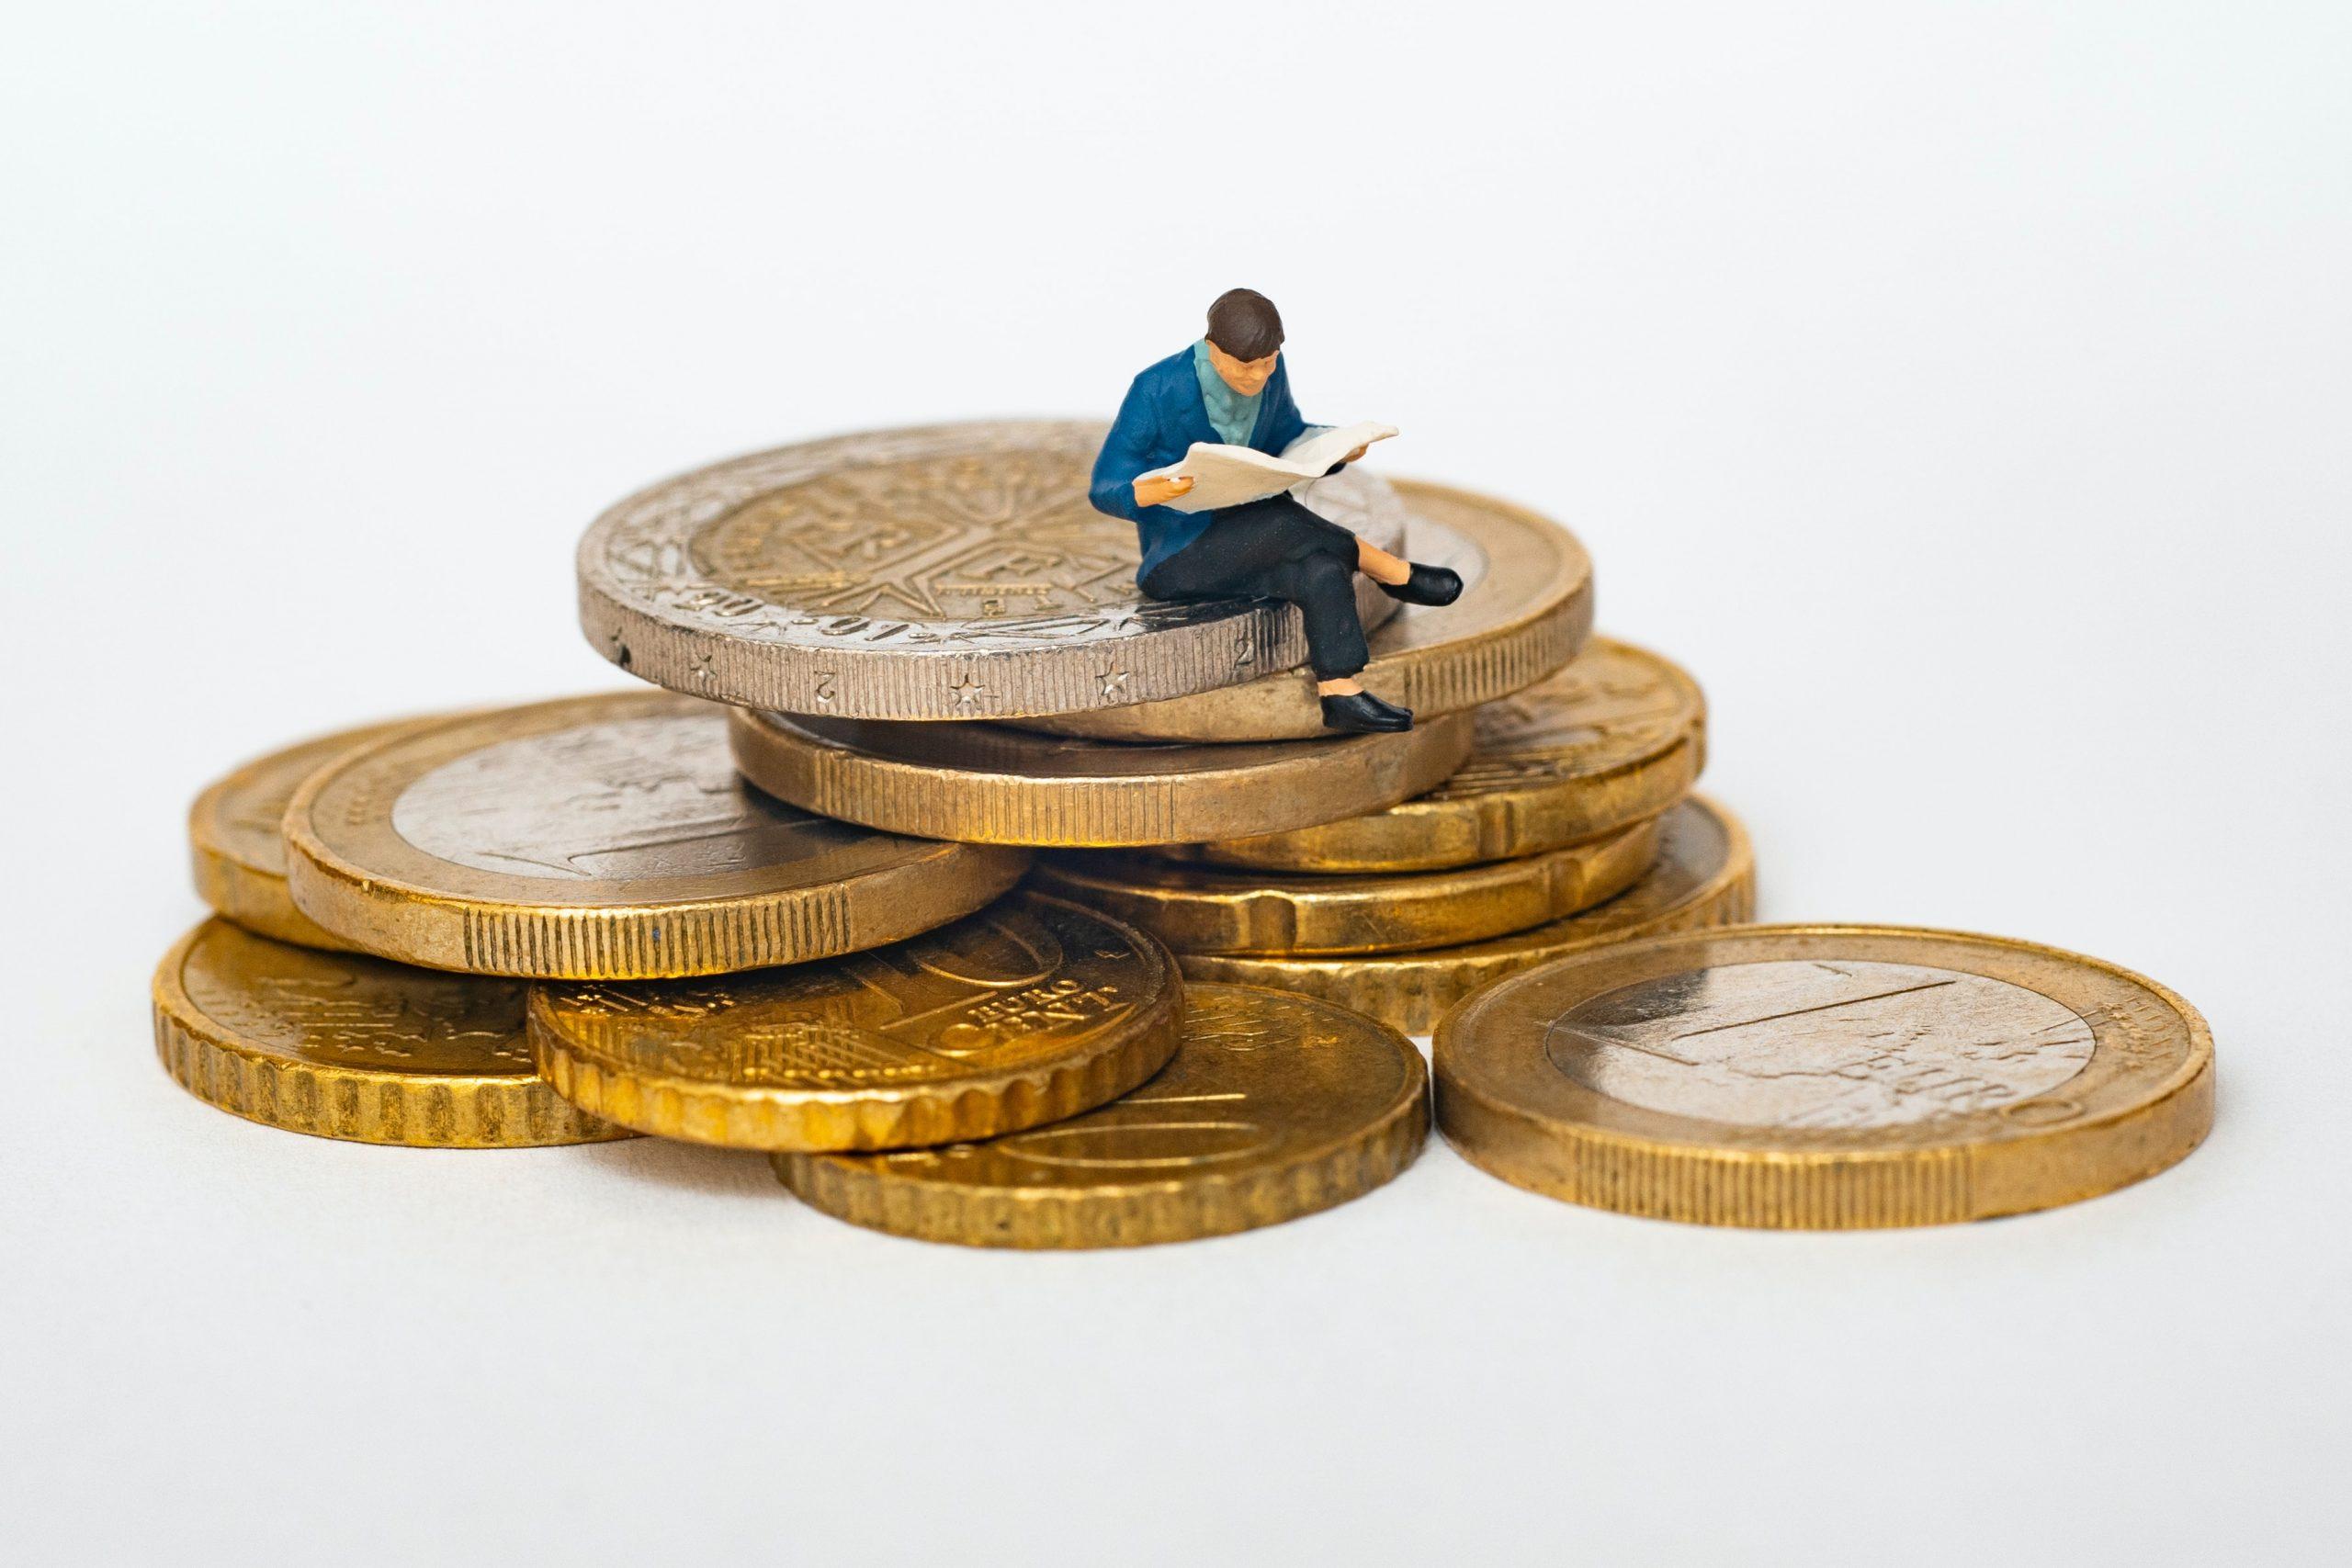 David Clarinval prolonge les mesures de report et de dispense des cotisations sociales pour les indépendants impactés par la crise